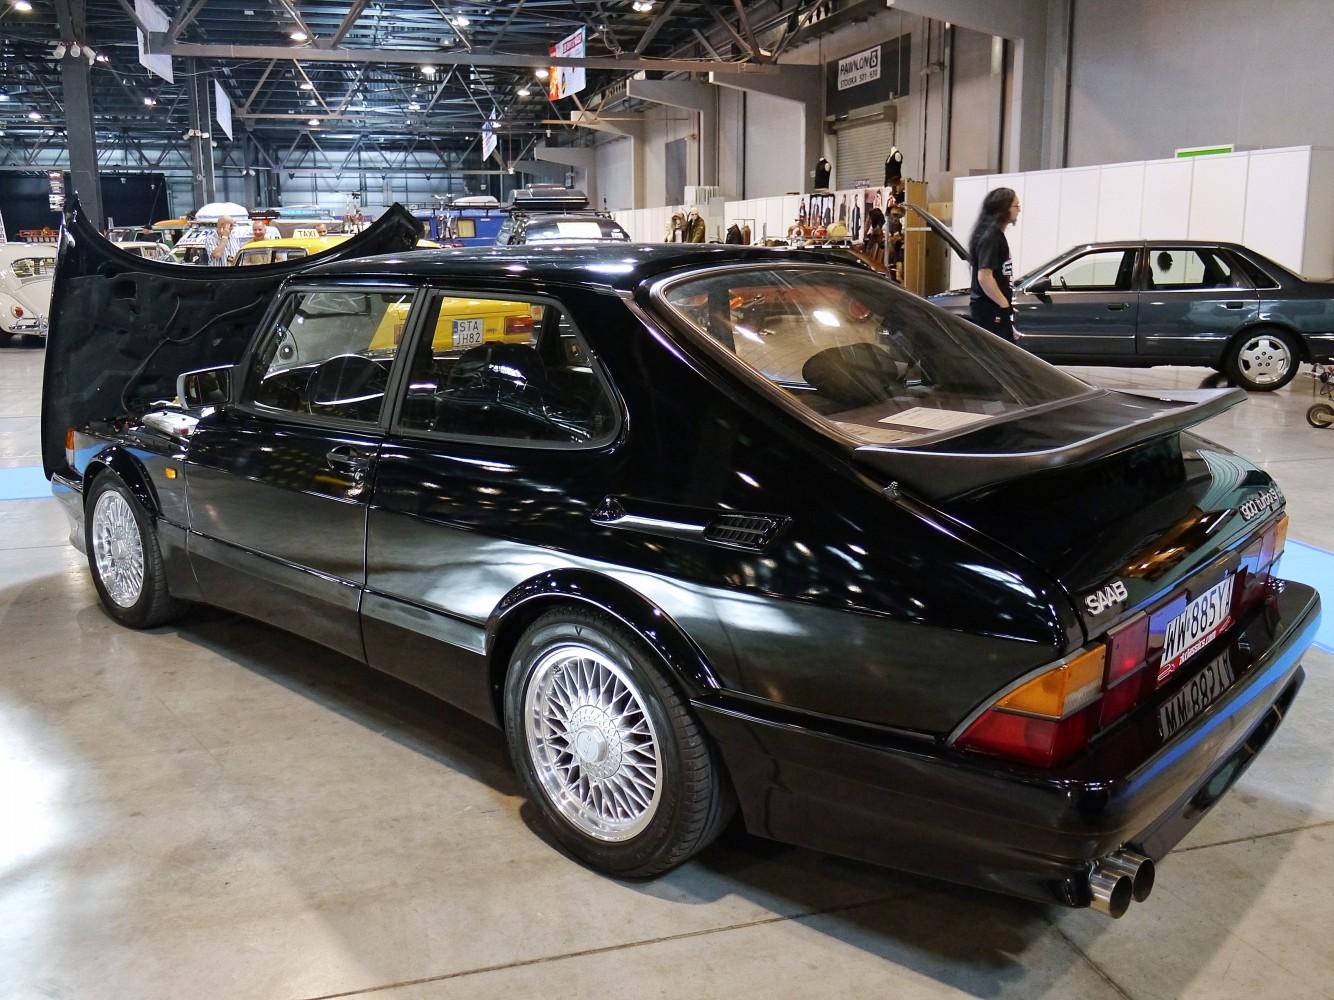 Kliknij obrazek, aby uzyskać większą wersję  Nazwa:Saab 900 (2).jpg Wyświetleń:52 Rozmiar:364,6 KB ID:232482